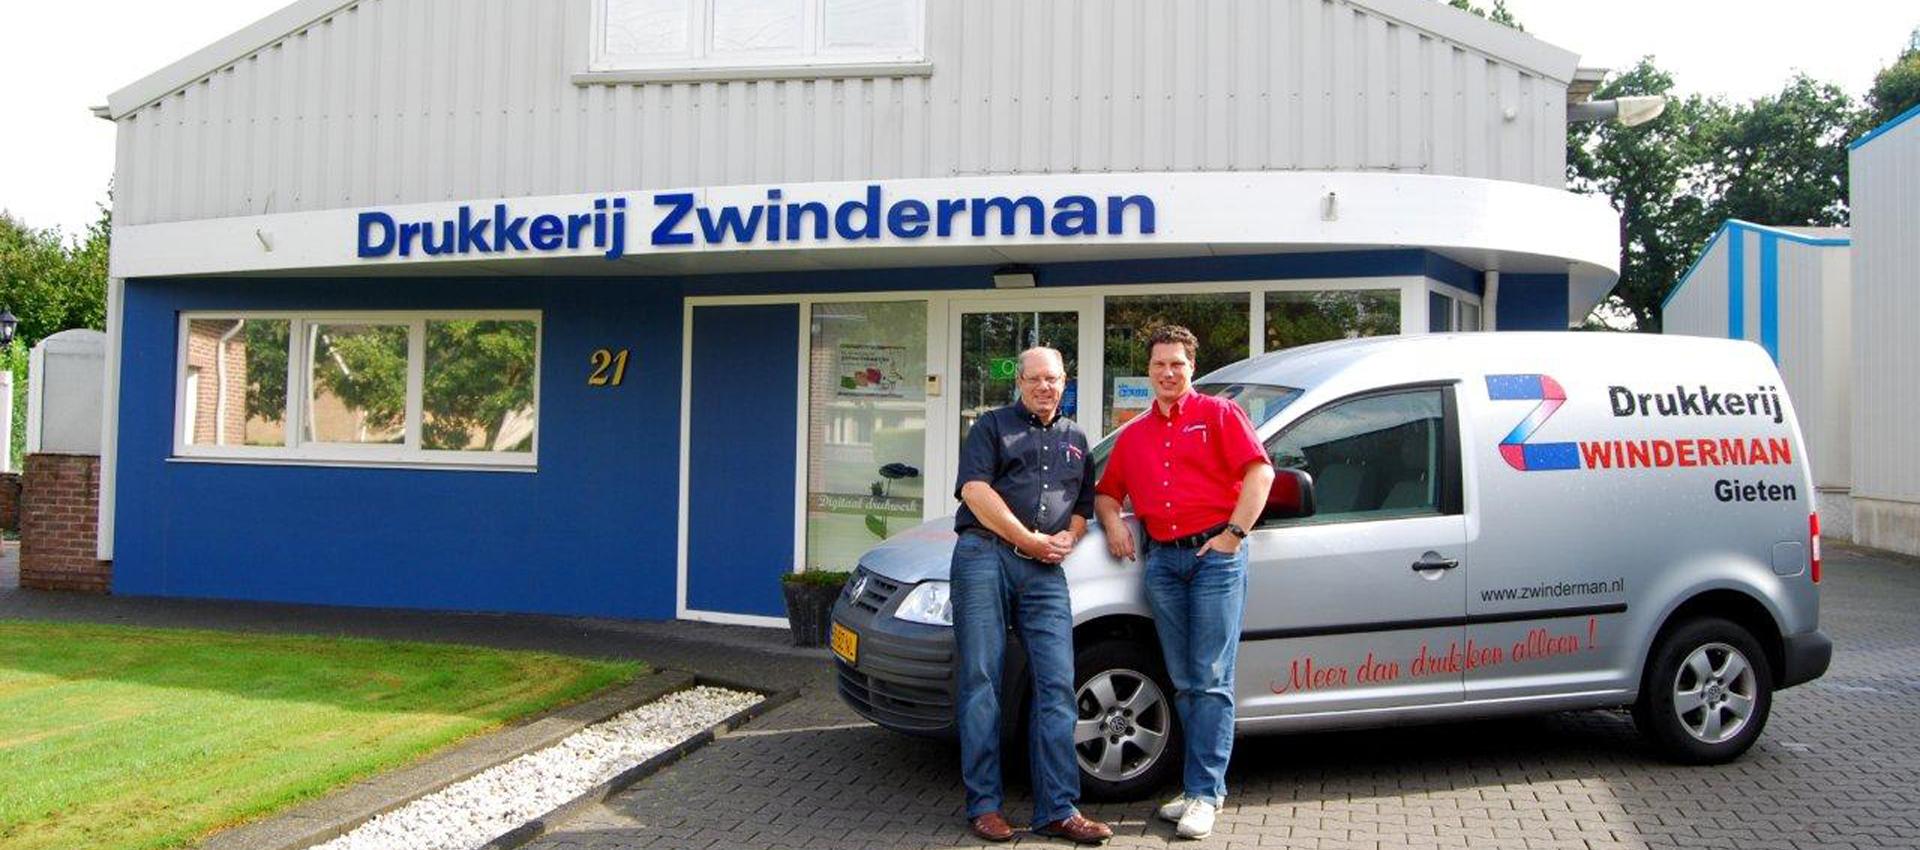 Welkom bij Drukkerij Zwinderman